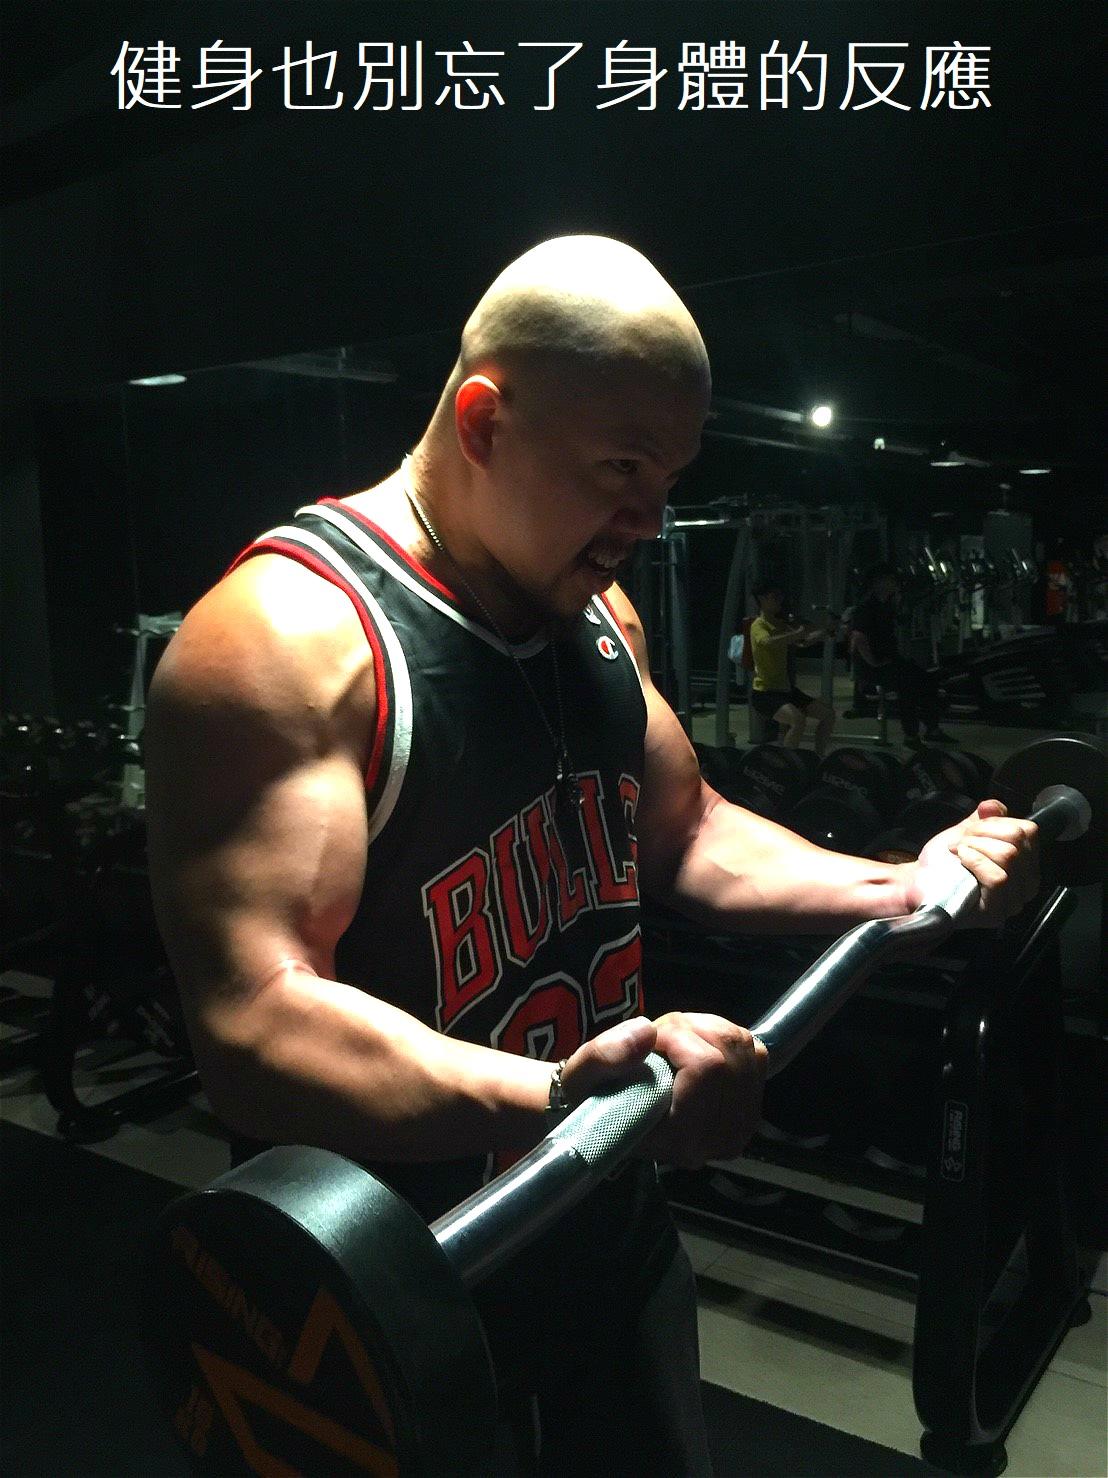 台中健身覺醒健身:【關於姿勢正確,你隨時都能掌控嗎?】